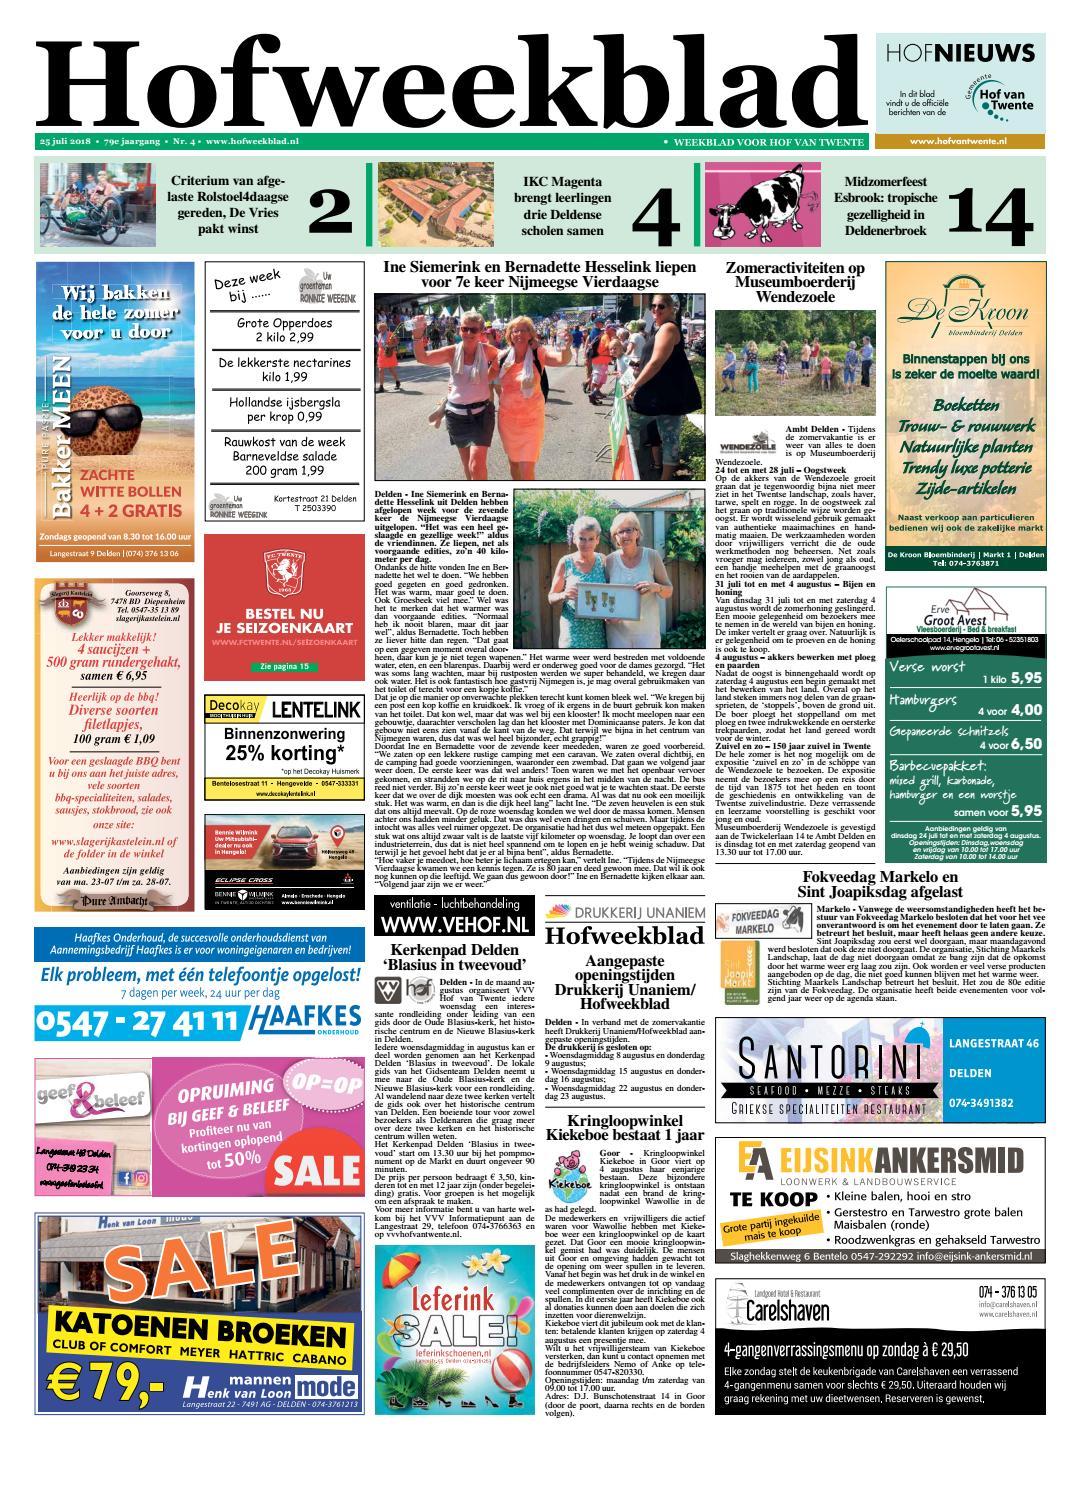 Hofweekblad week 30 2018 by Regionale Uitgeversgroep issuu